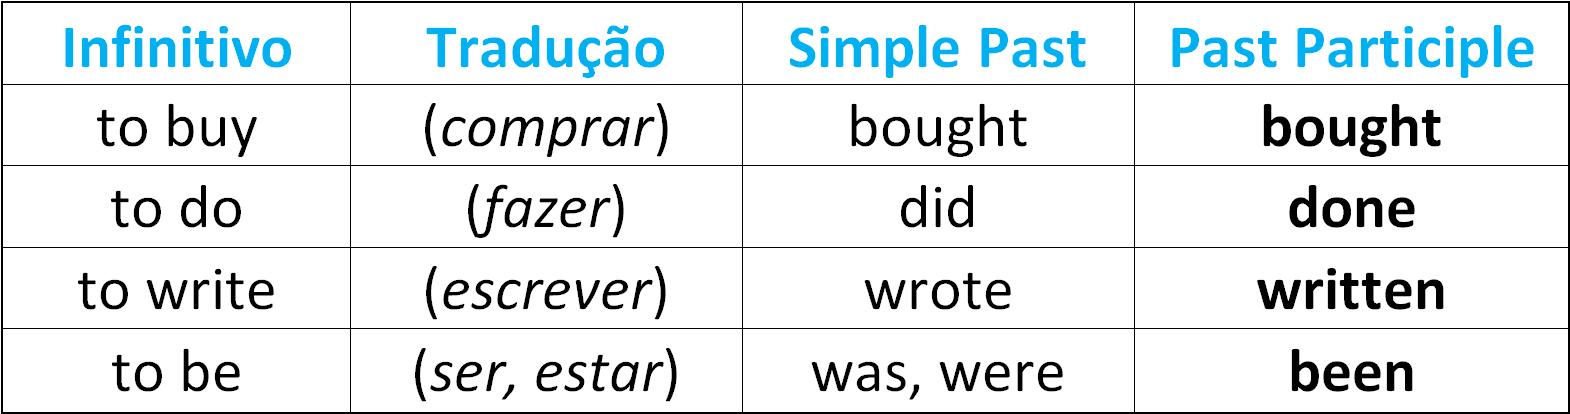 PAST PERFECT - o que é e como funciona esse passado em inglês? | Cursos de  Inglês